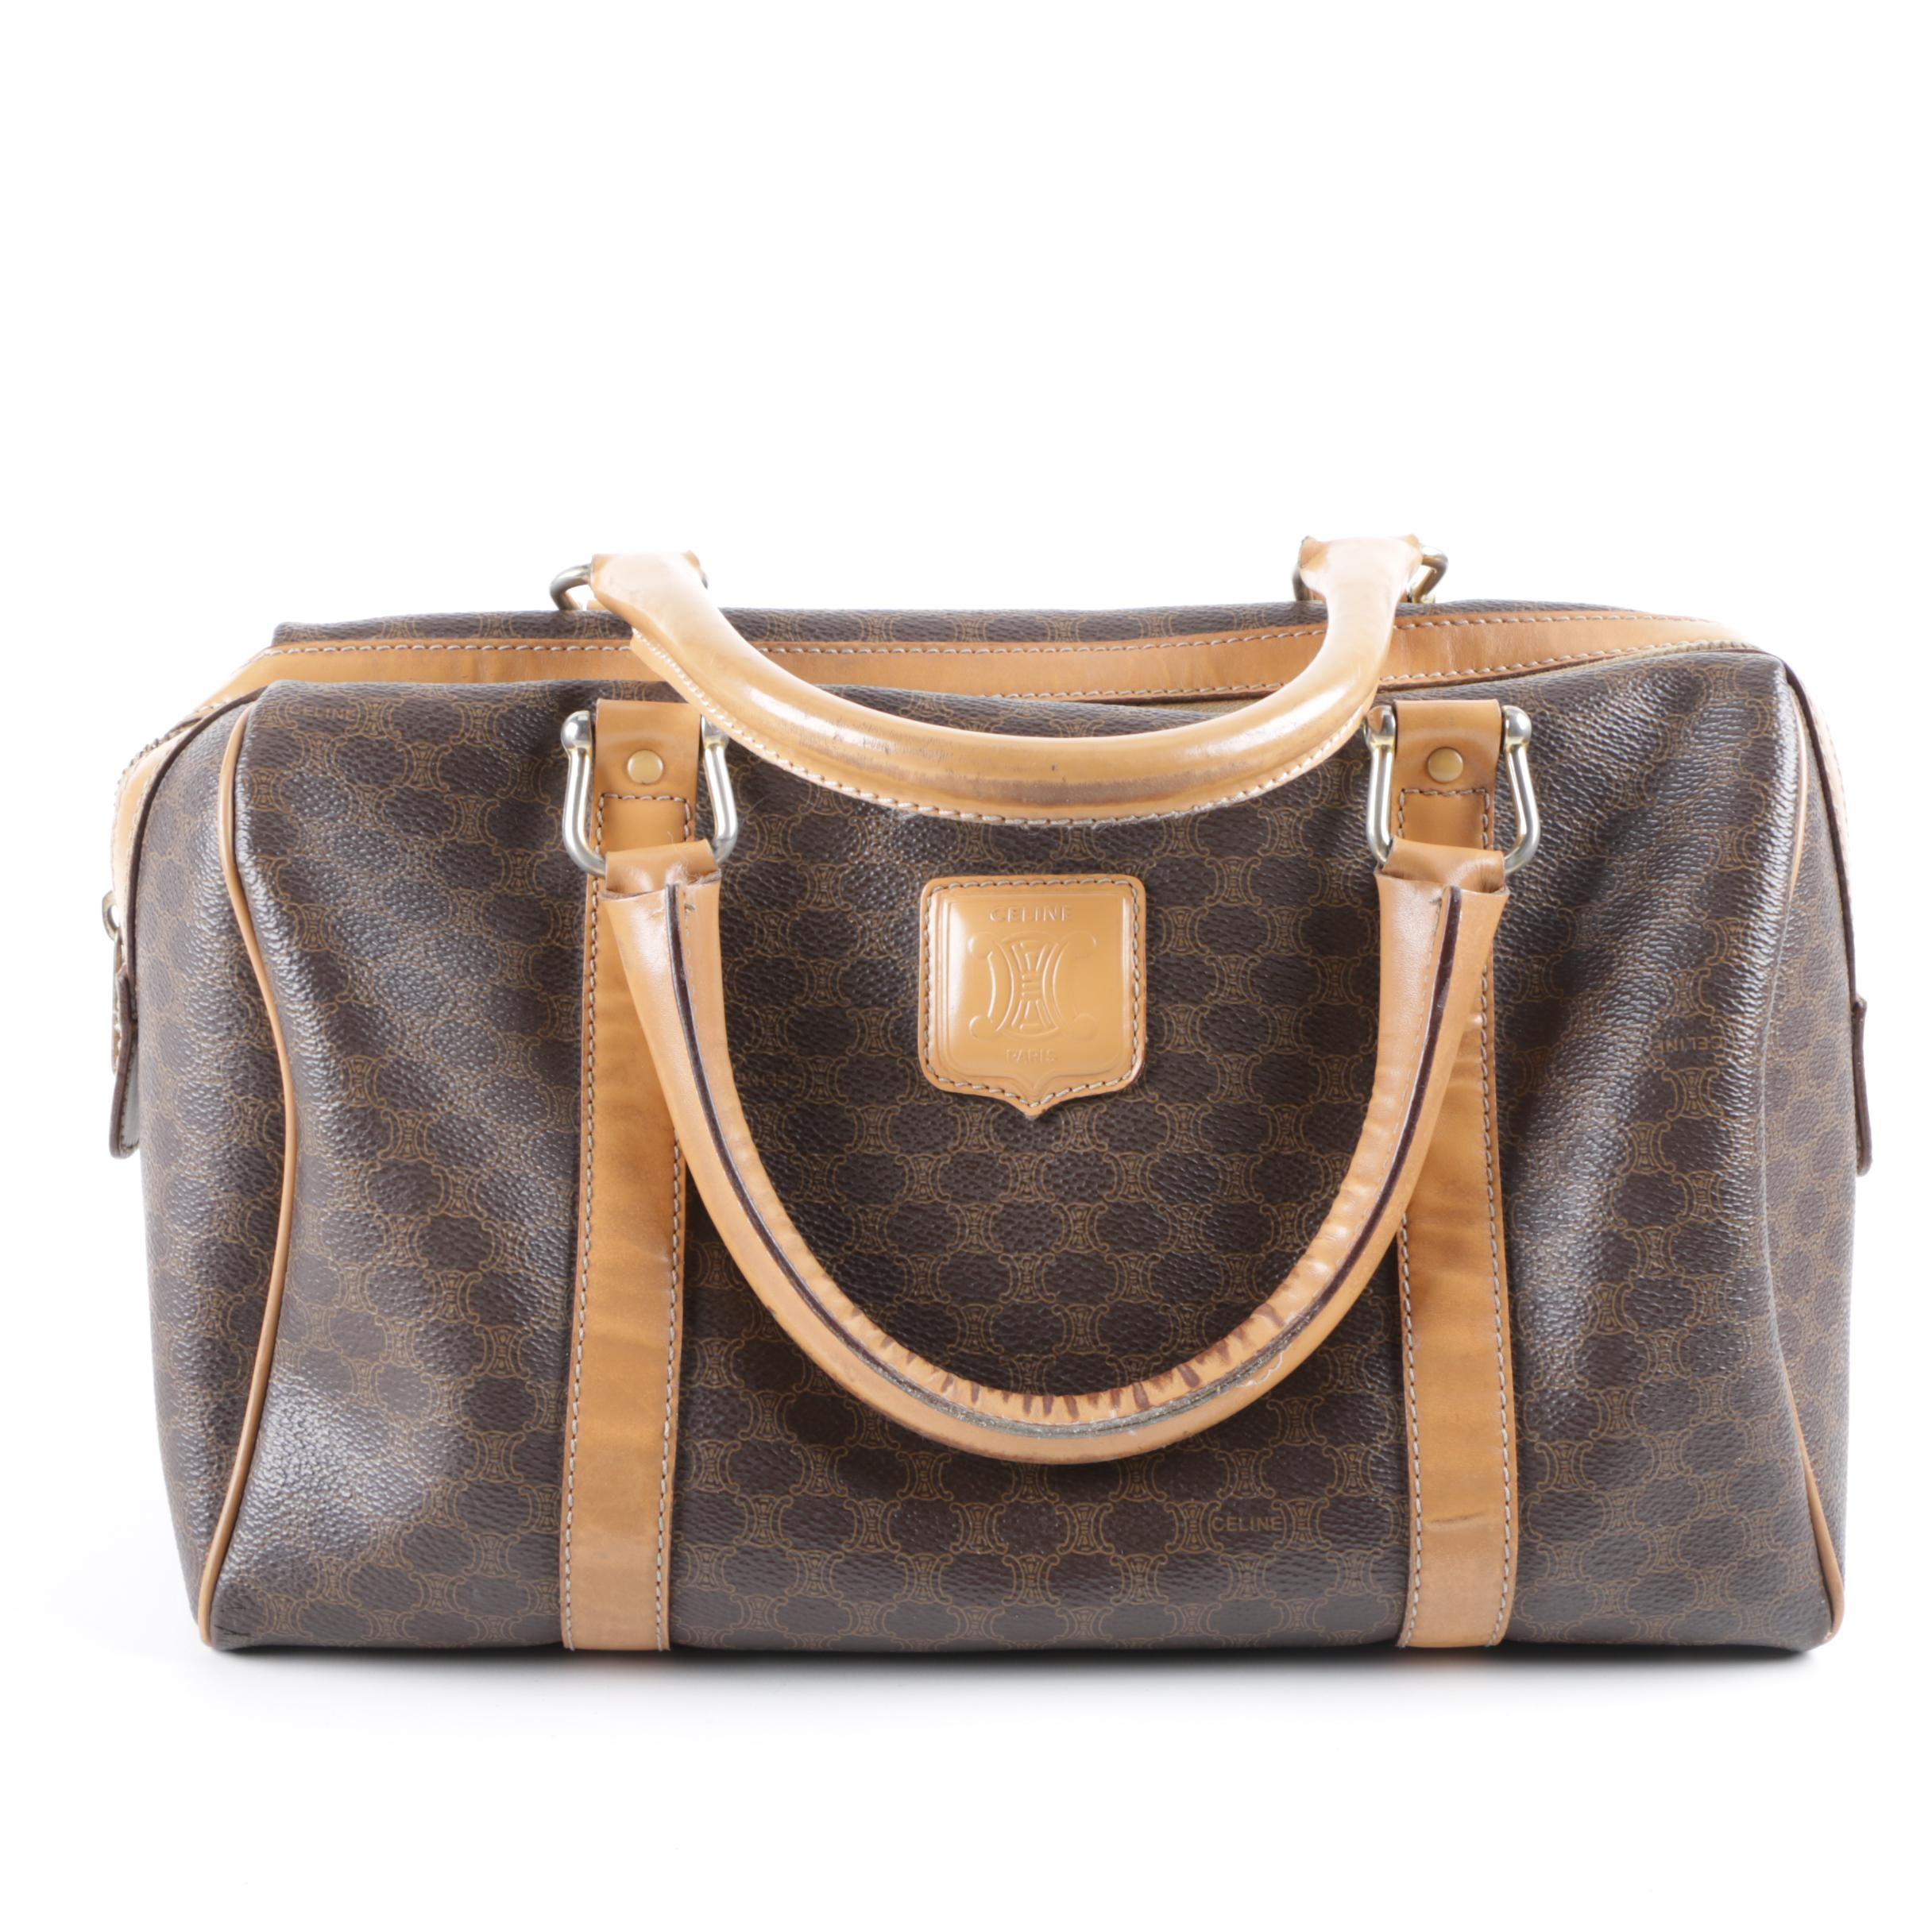 Céline Coated Canvas Macadam Handbag